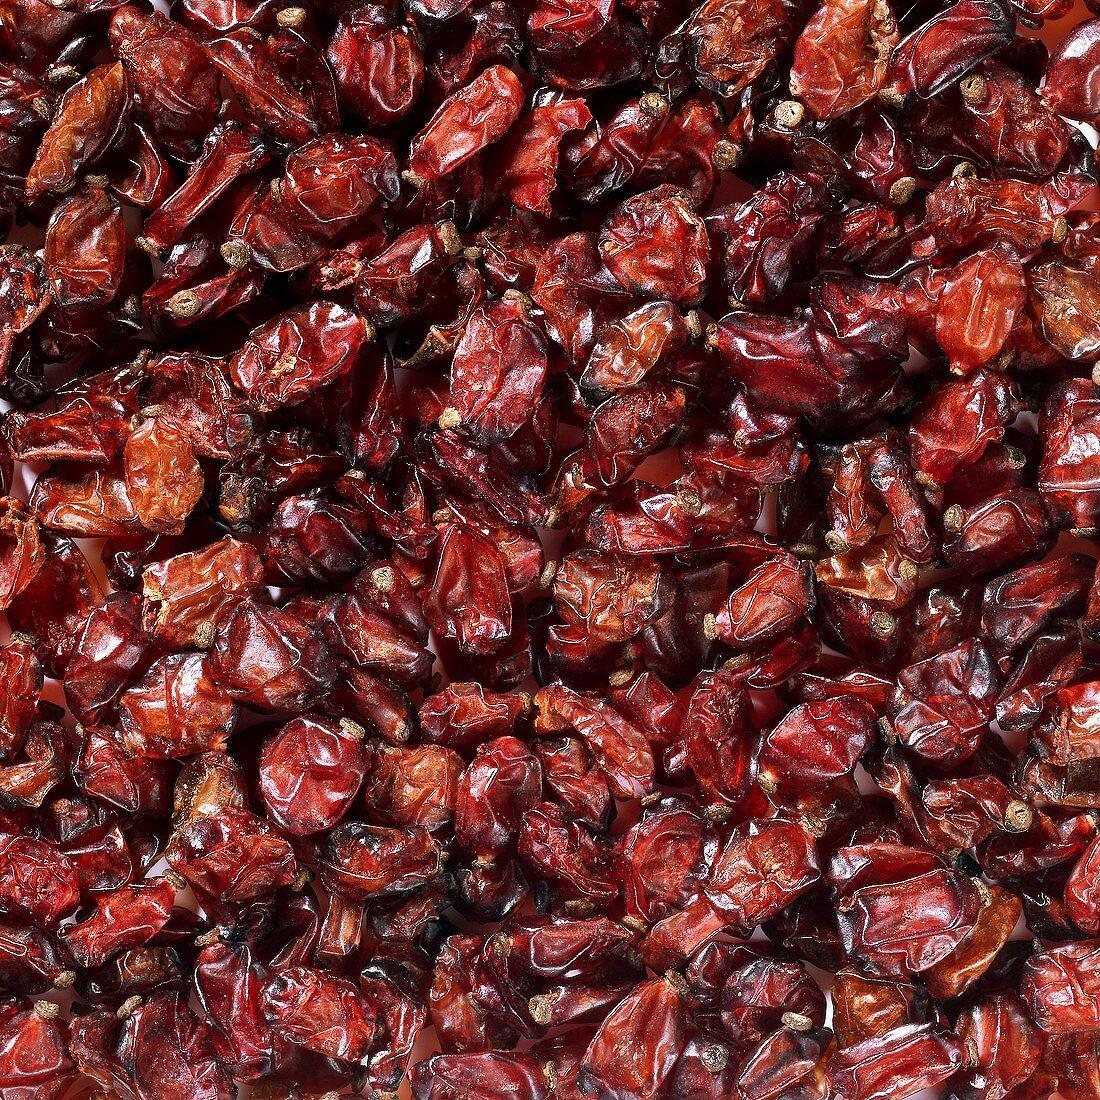 Dried barberries (full-frame)